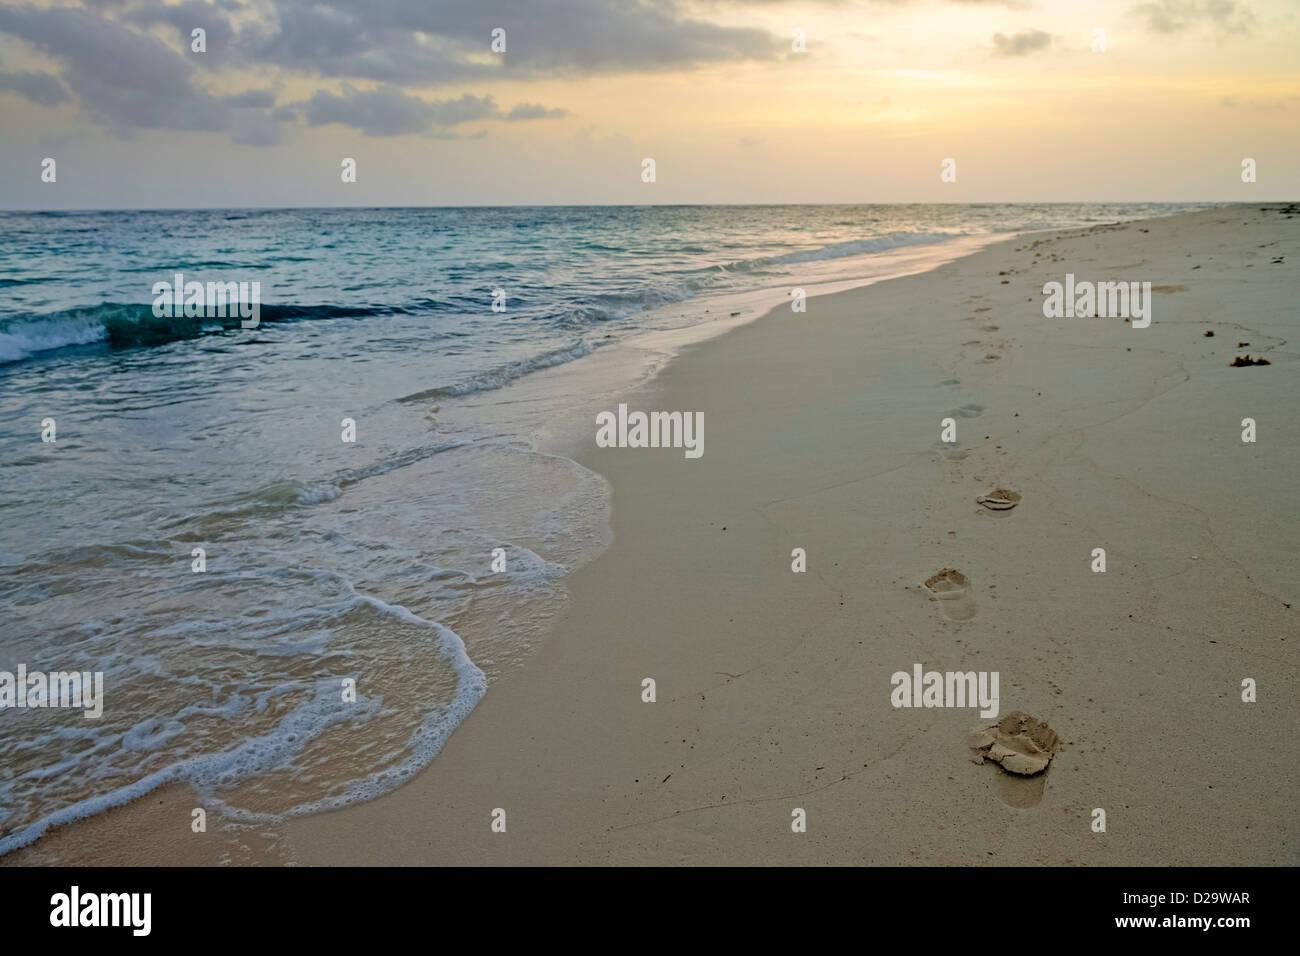 Orme nella sabbia allo spuntar del giorno sulla spiaggia deserta in Punta Cana Repubblica Dominicana, dei Caraibi Immagini Stock